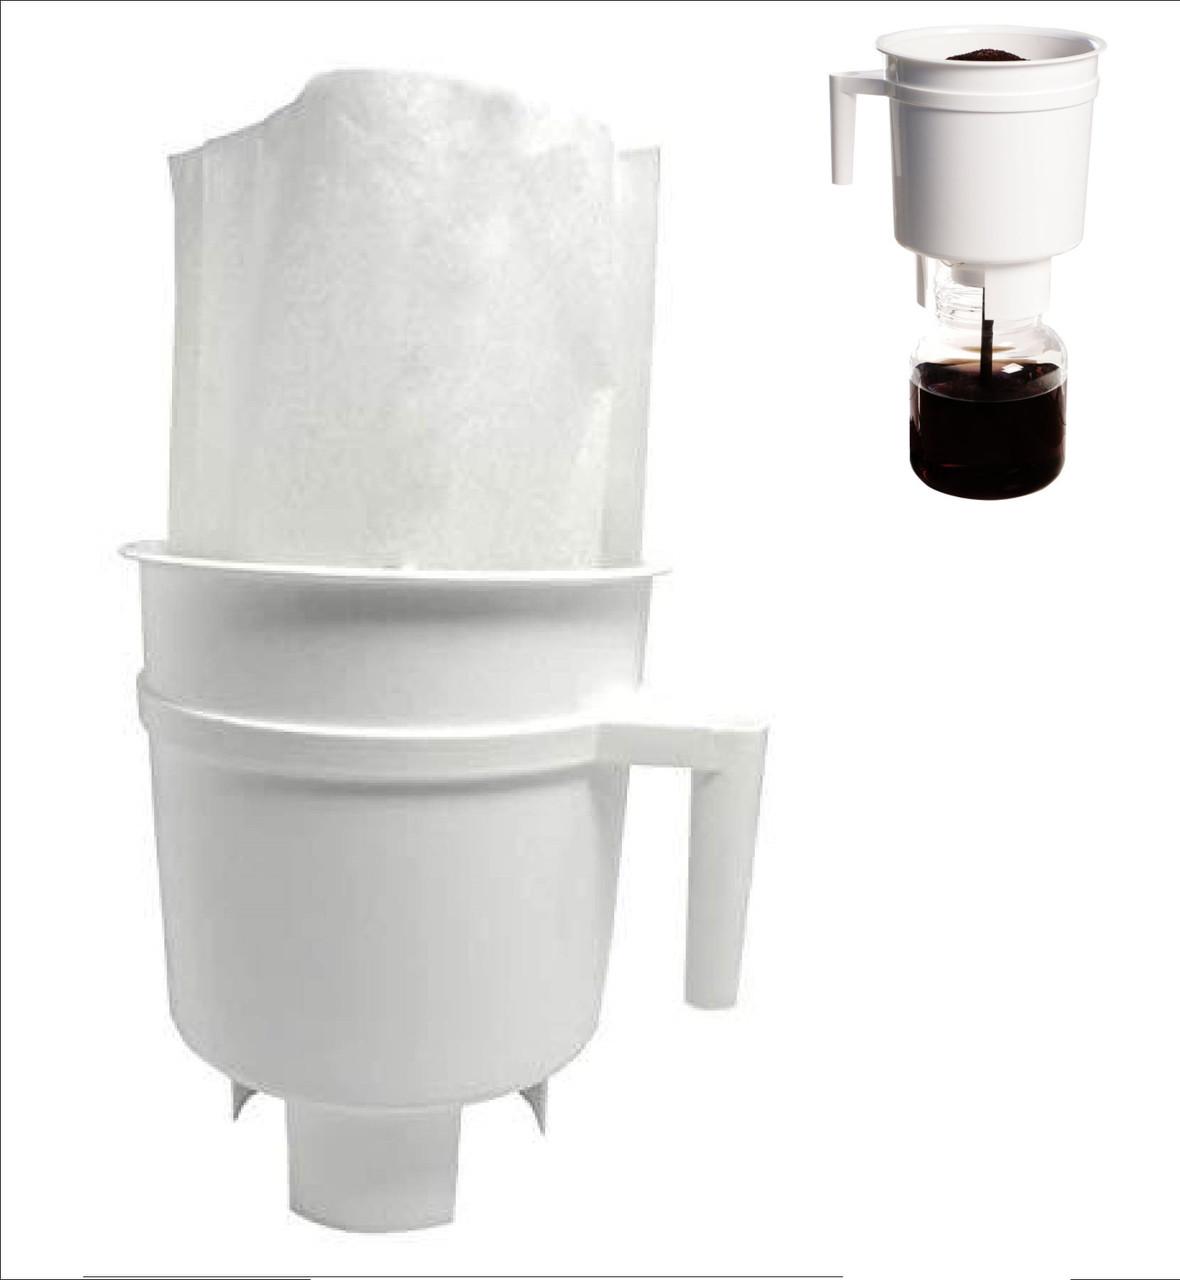 Бумажные одноразовые фильтры, белые 1 шт. для Тодди колд брю на 2 л.